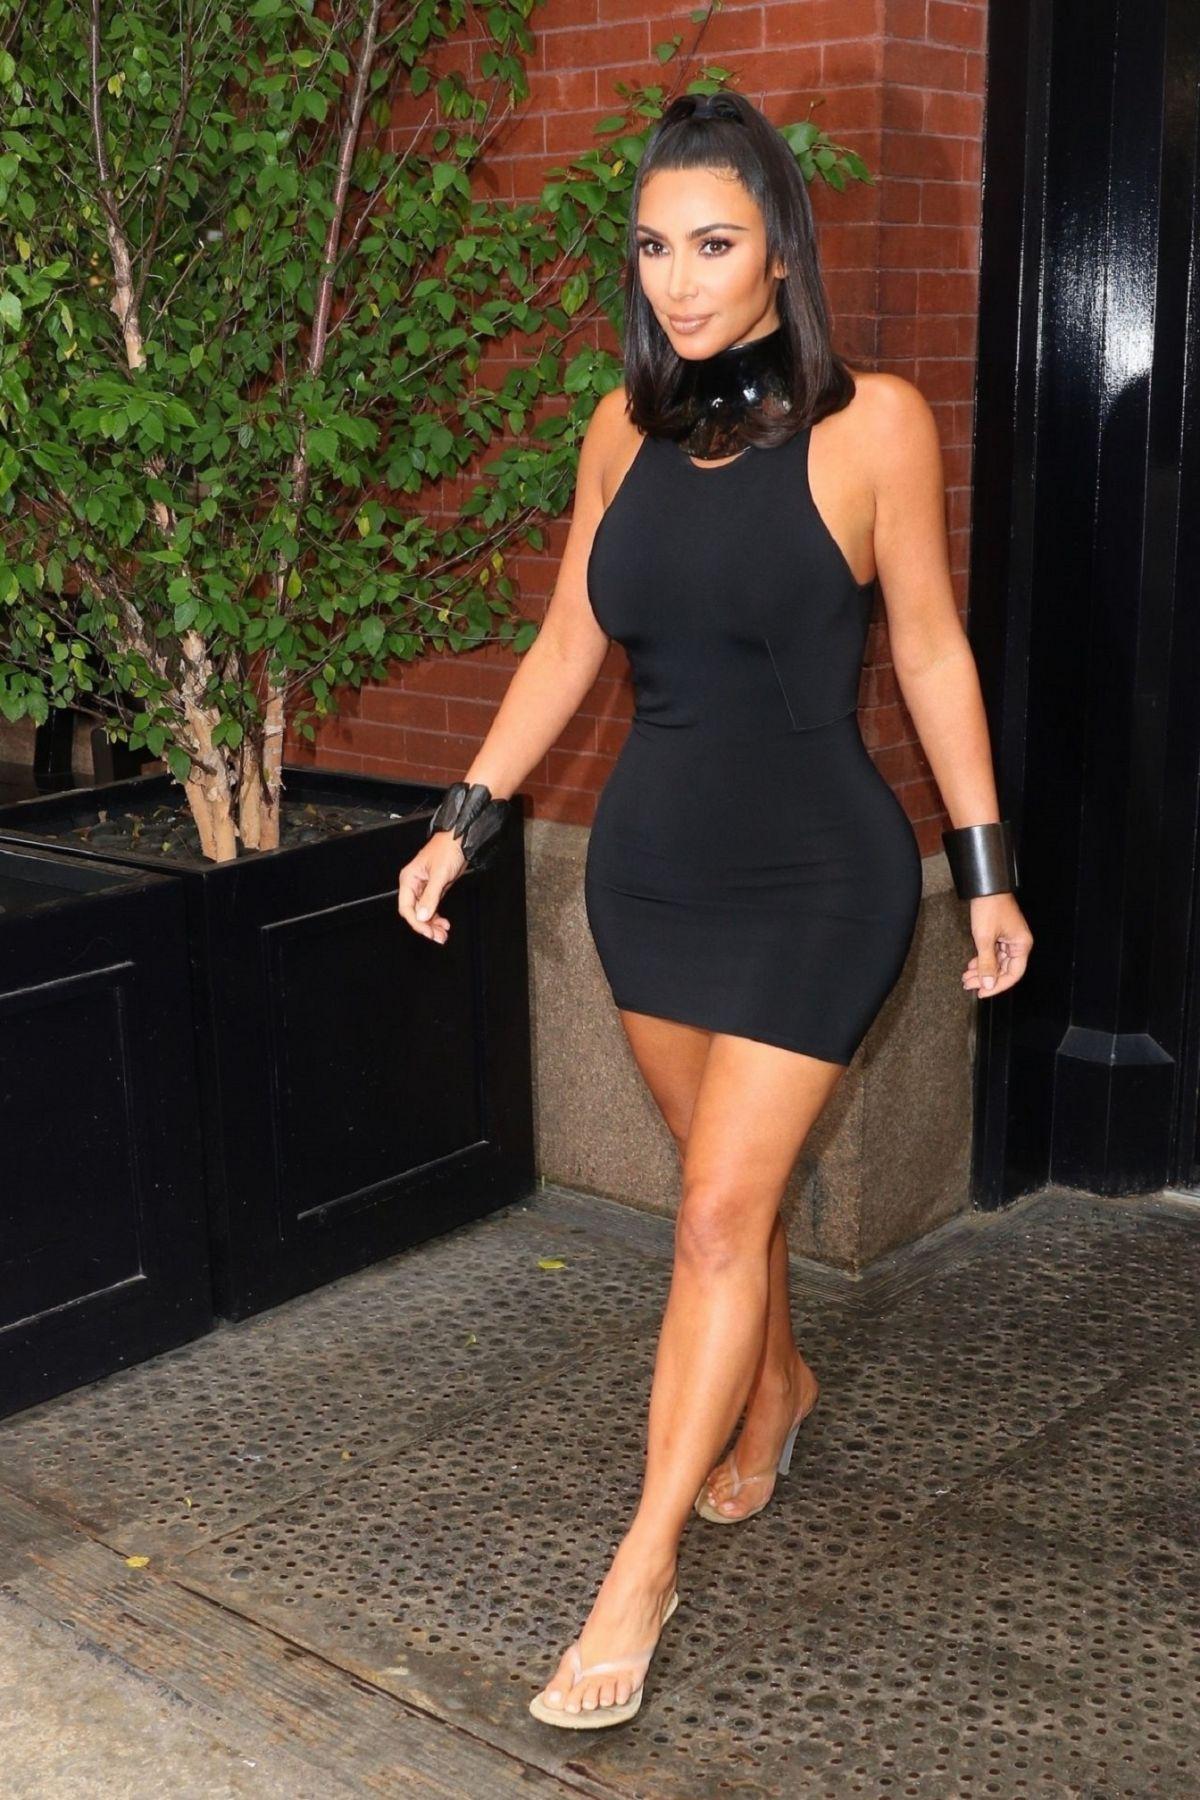 فستان قصير أسود اختارته كيم كارداشيان ونسقته بأسلوب عصري